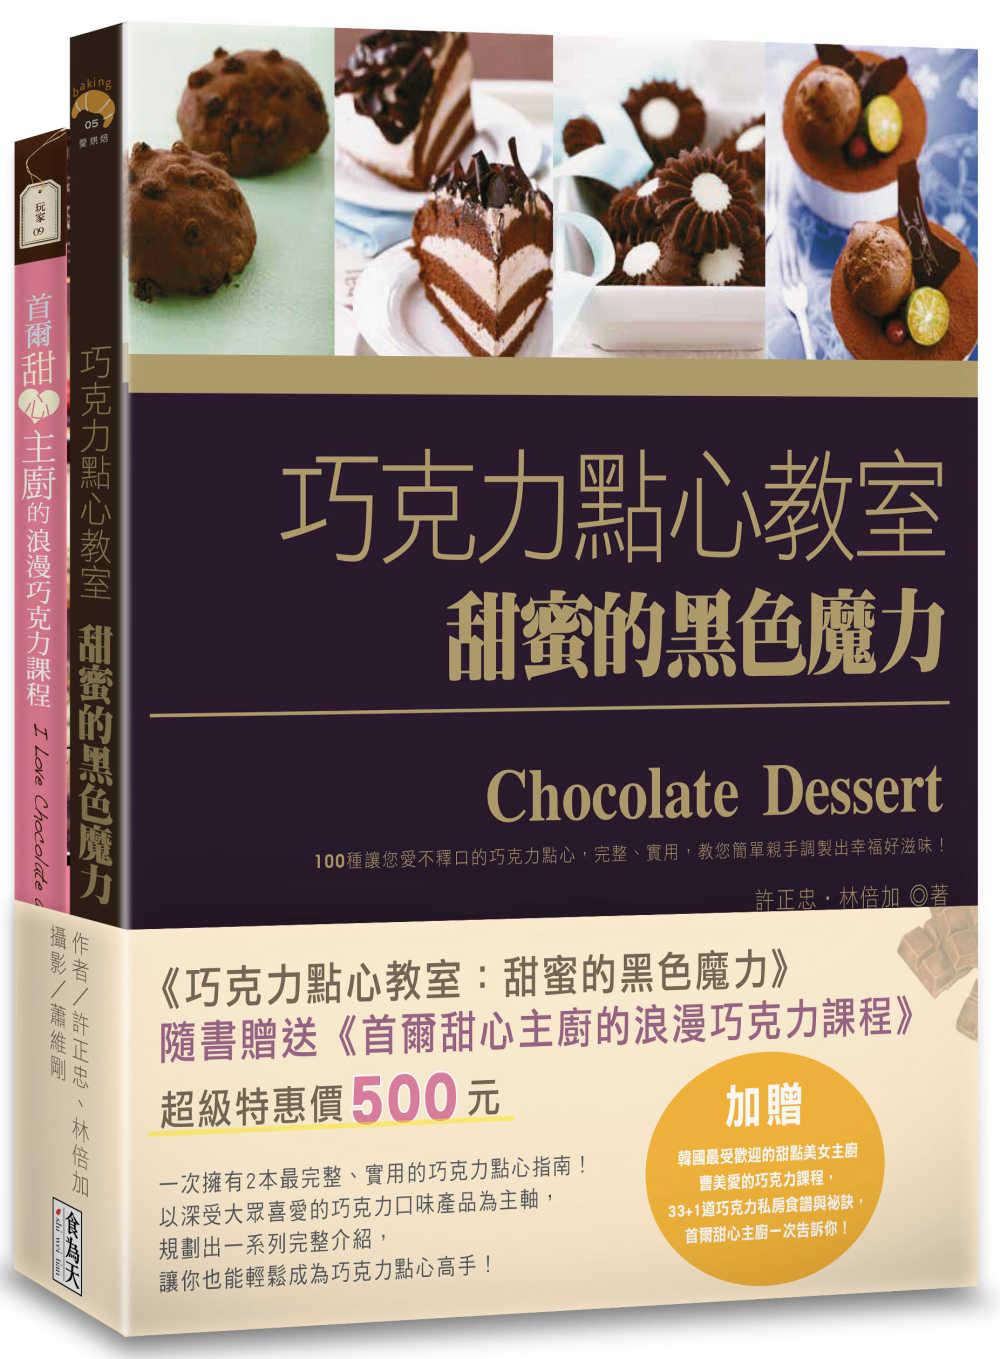 巧克力點心教室:甜蜜的黑色魔力...